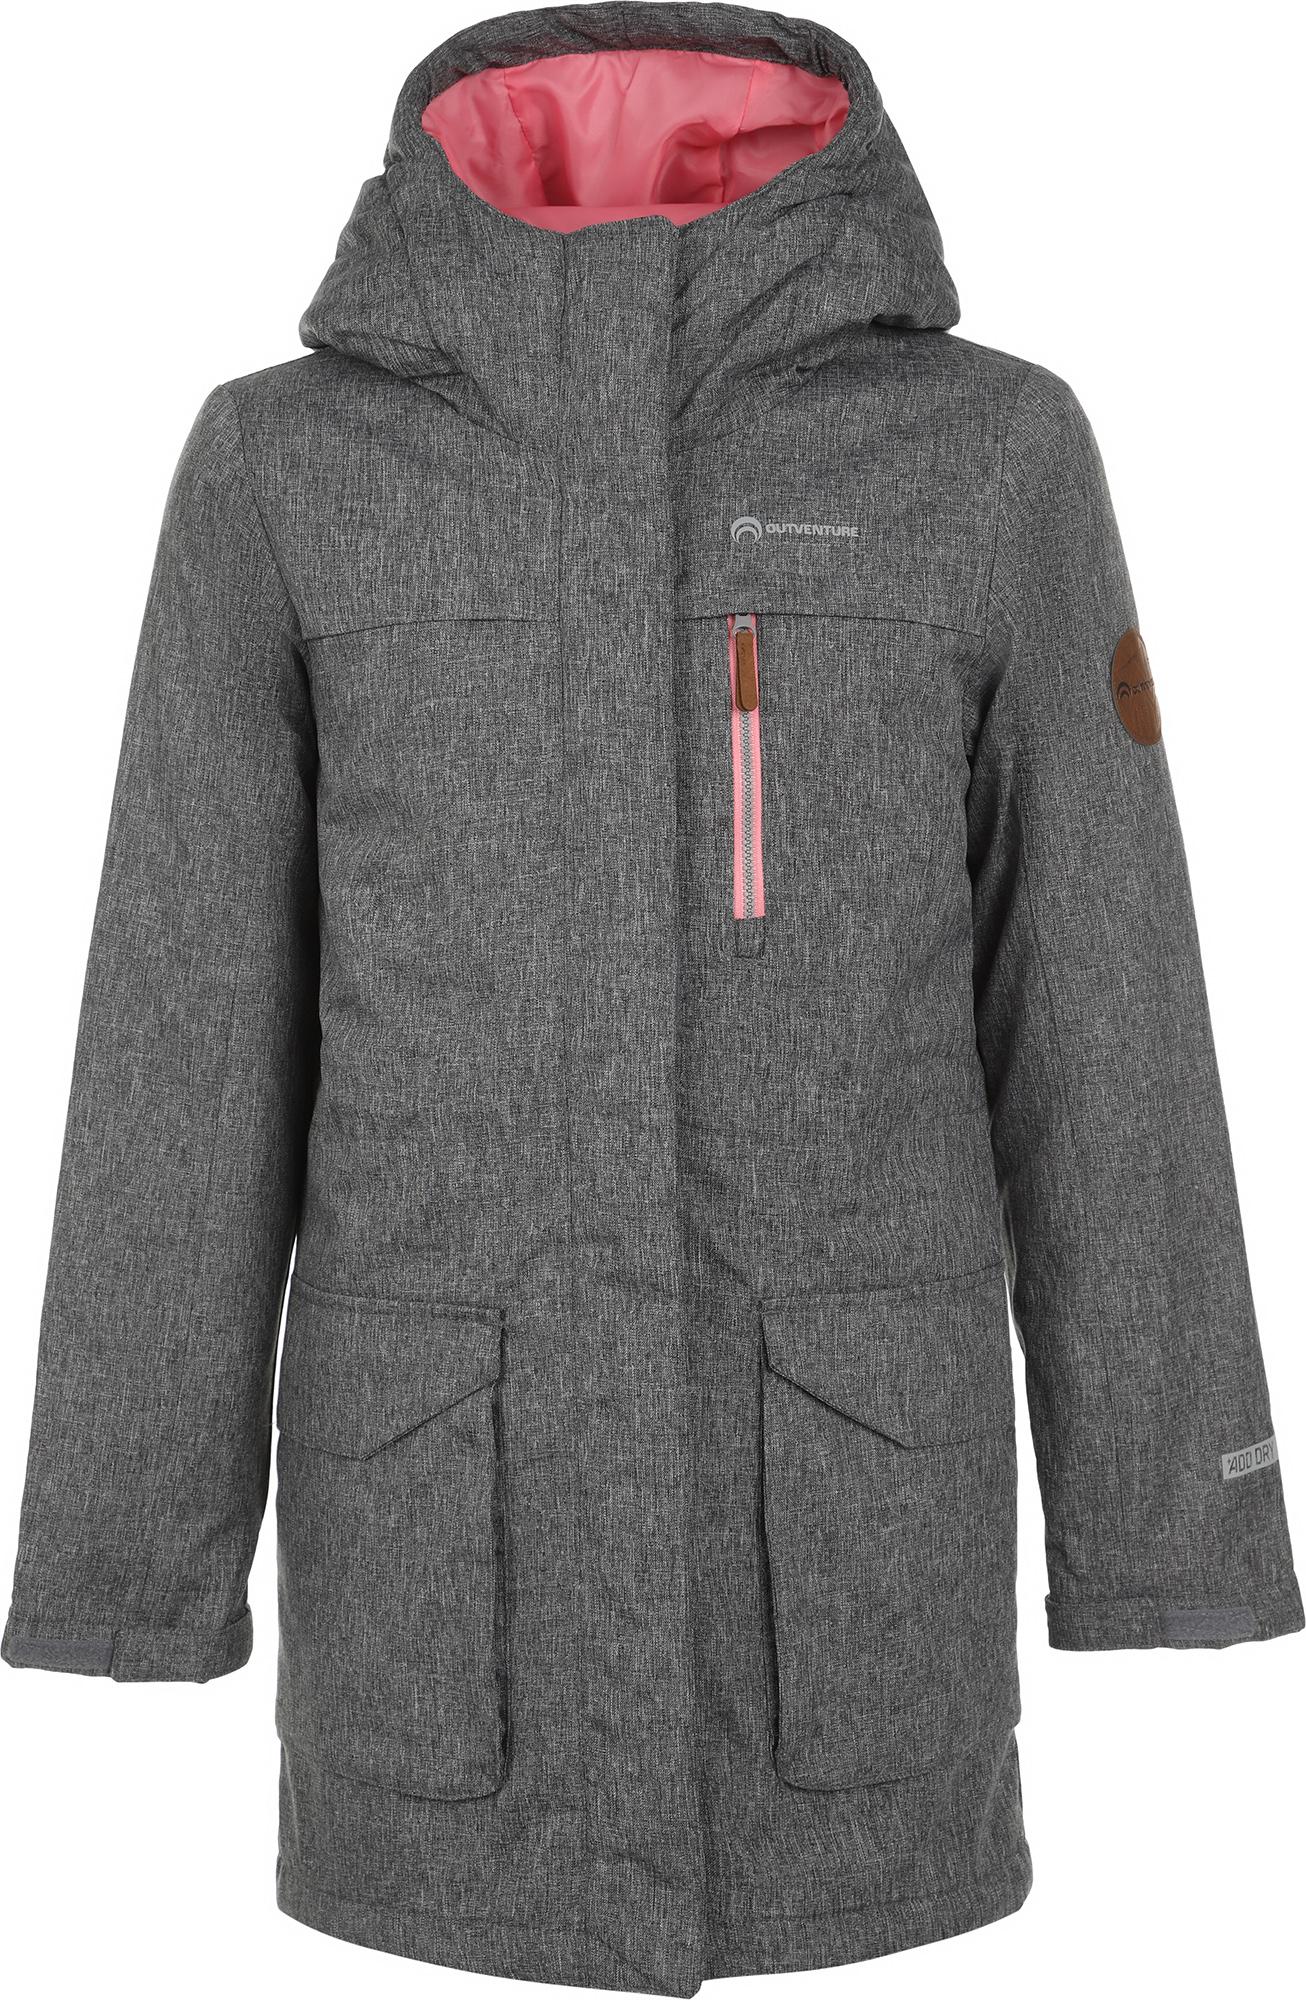 Фото - Outventure Куртка утепленная для девочек Outventure, размер 158 outventure куртка утепленная для девочек outventure размер 134